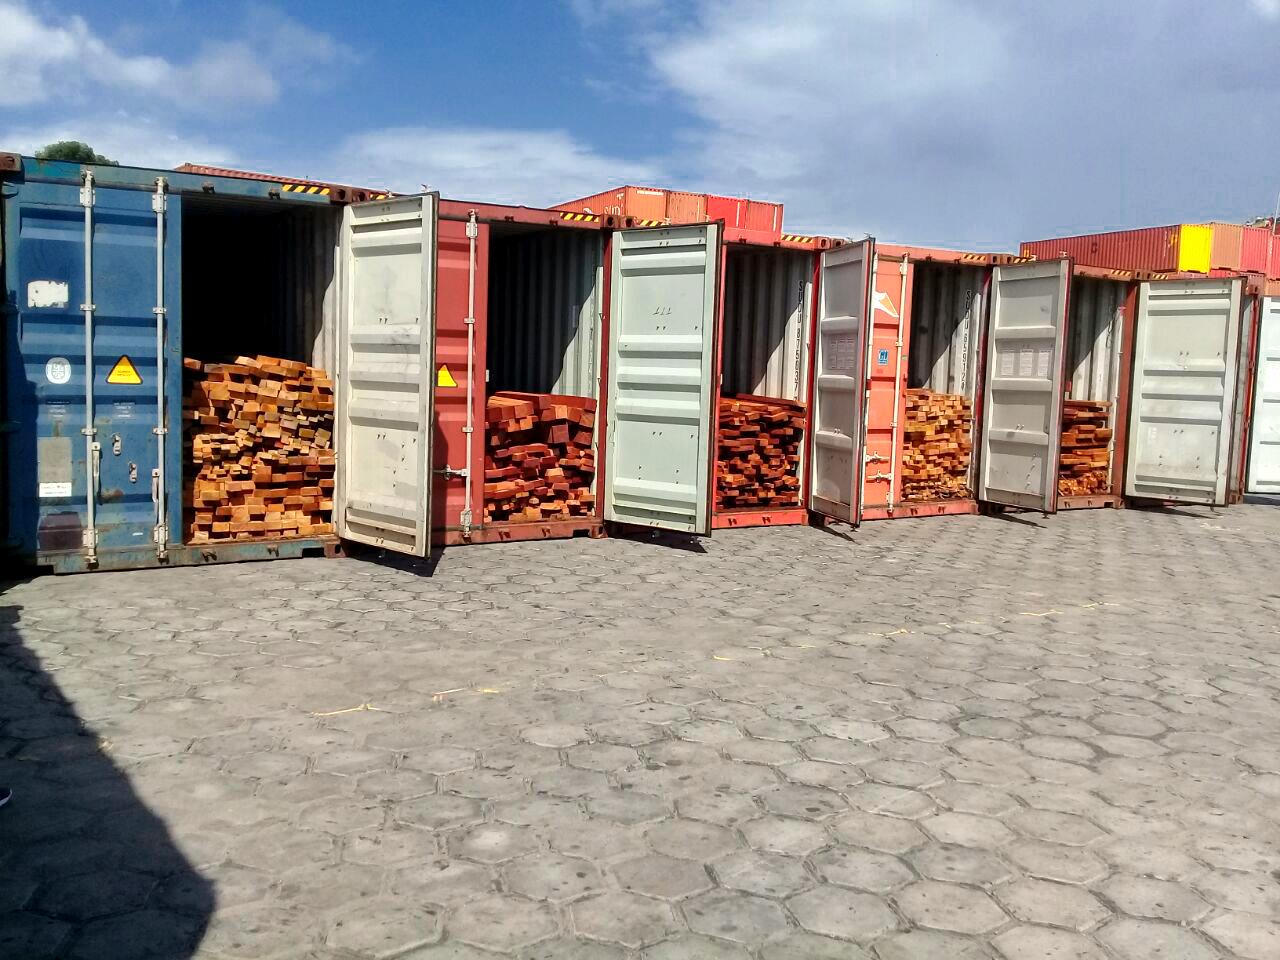 Fraude comercial de madeireira é descoberta no porto Chibatão, em Manaus